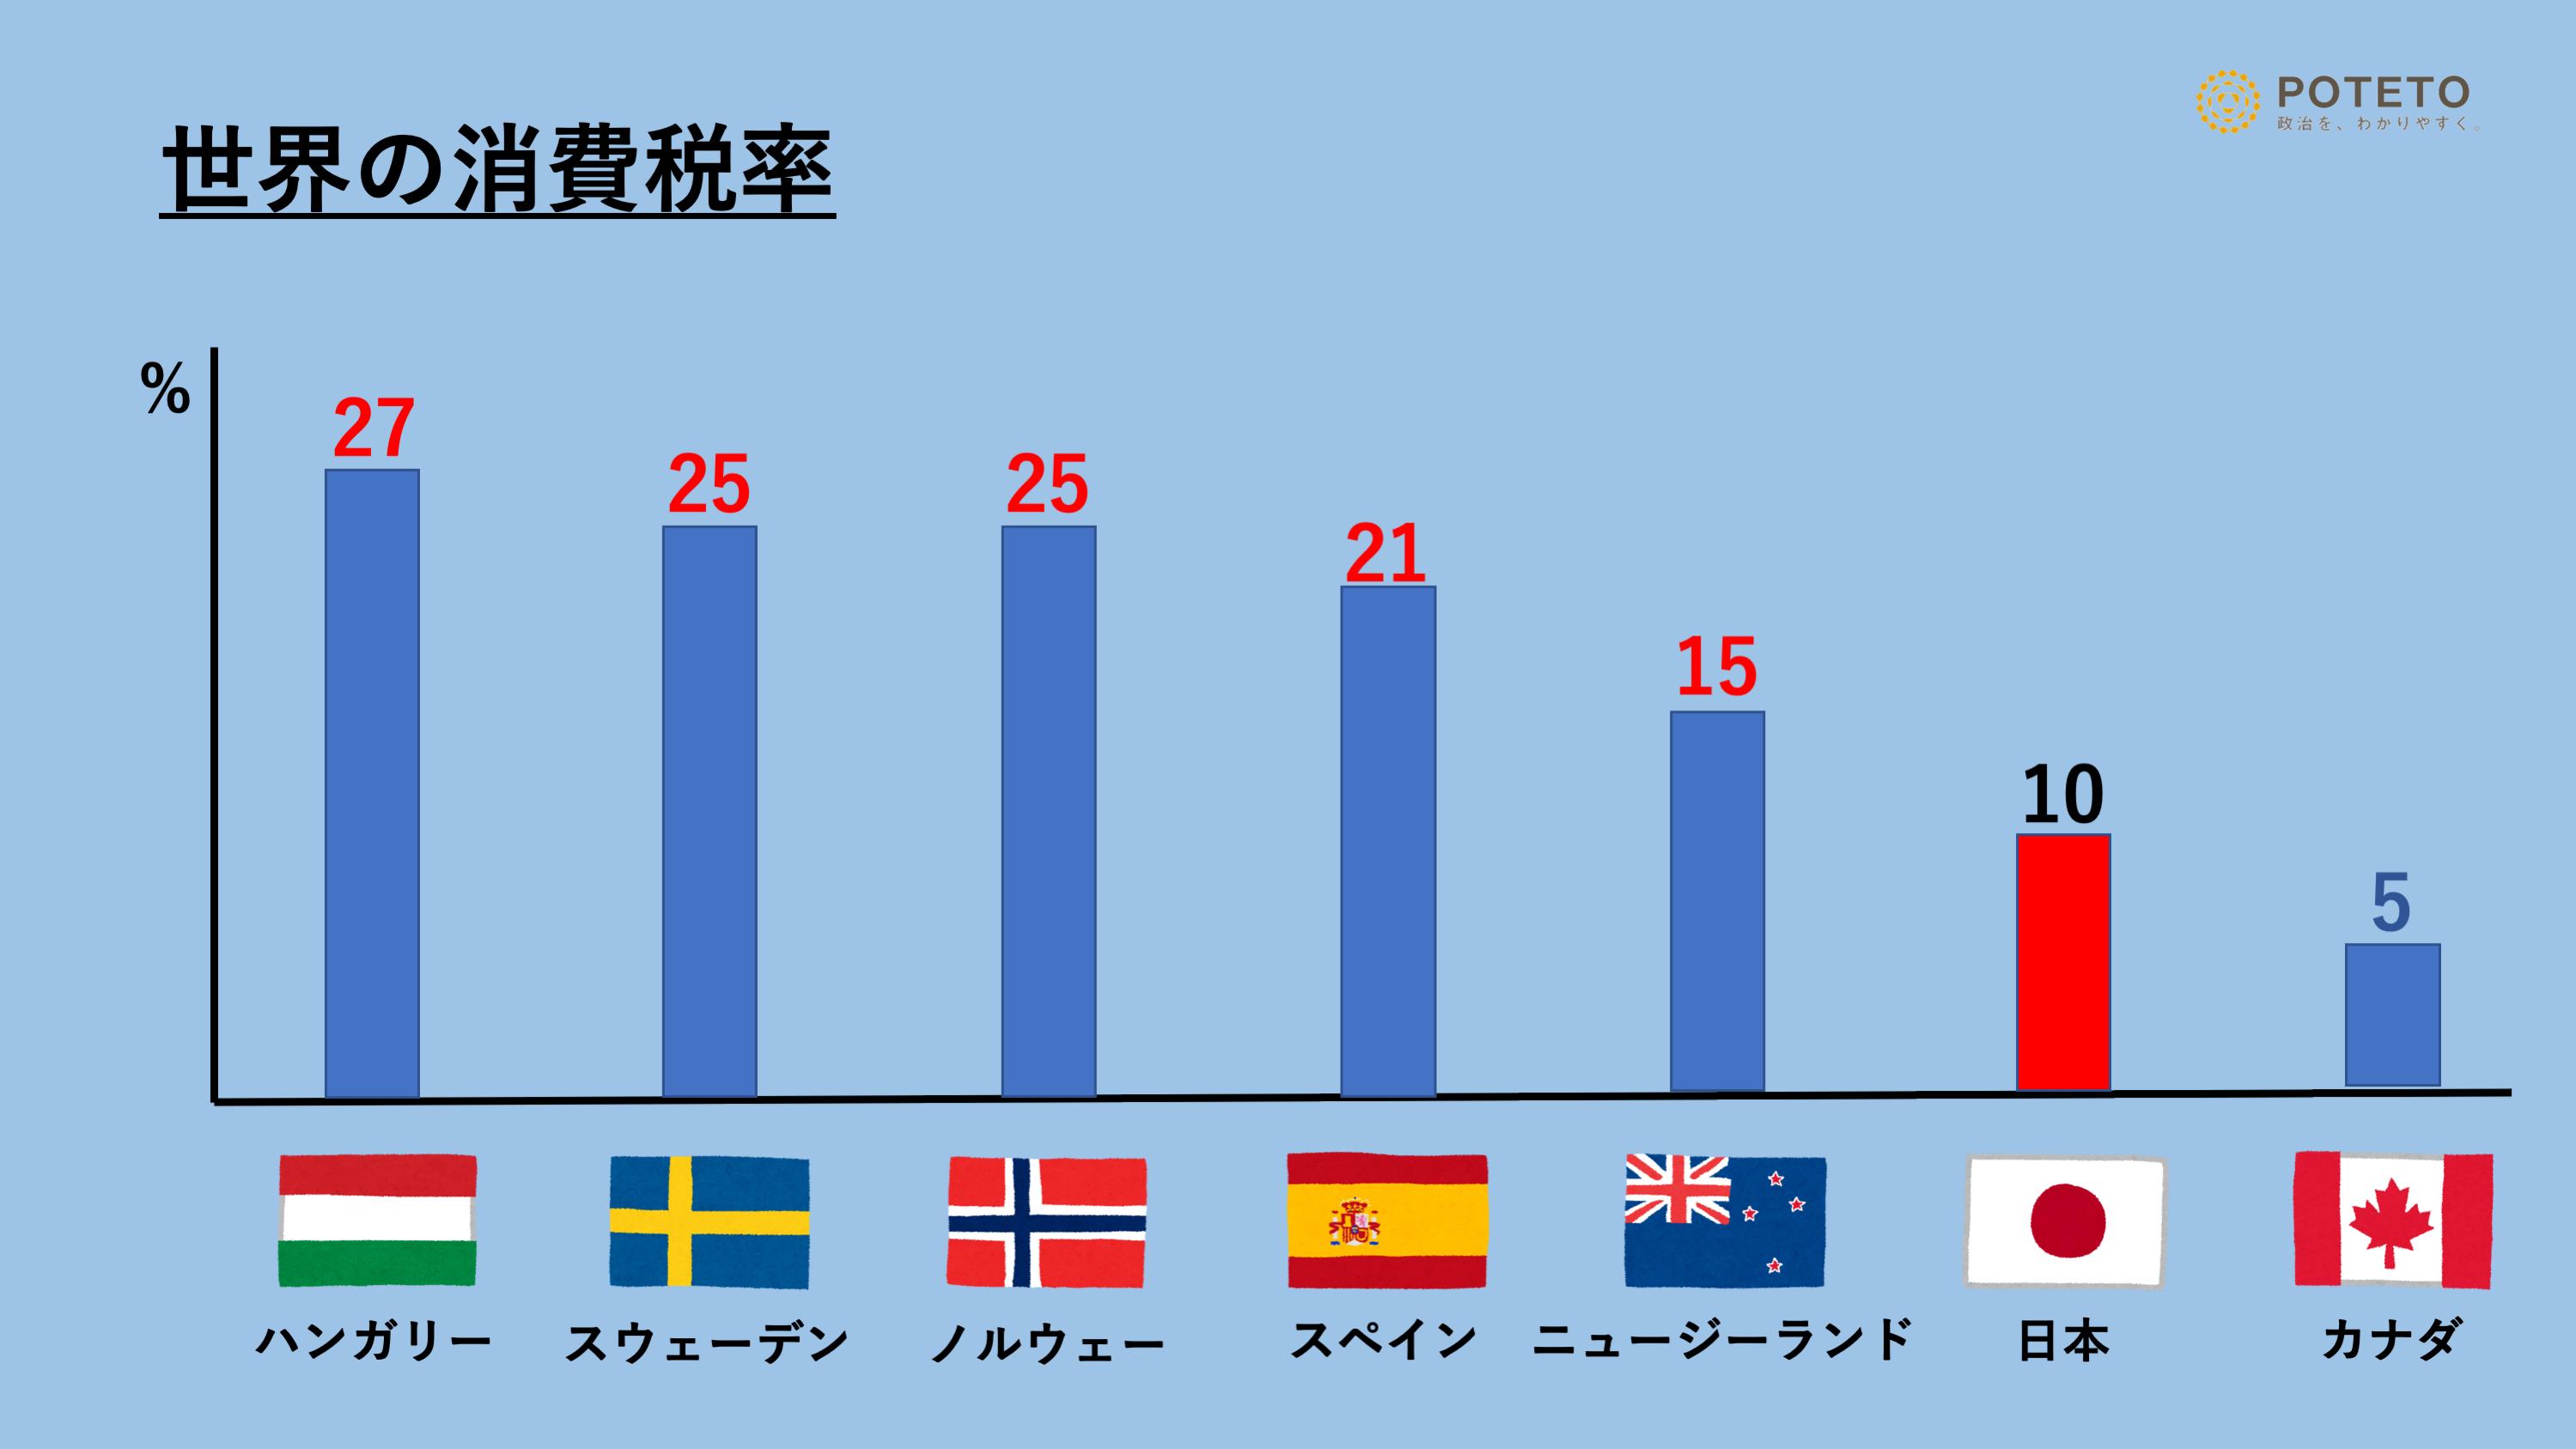 消費税増税【POTETOワード】   POTETO Media